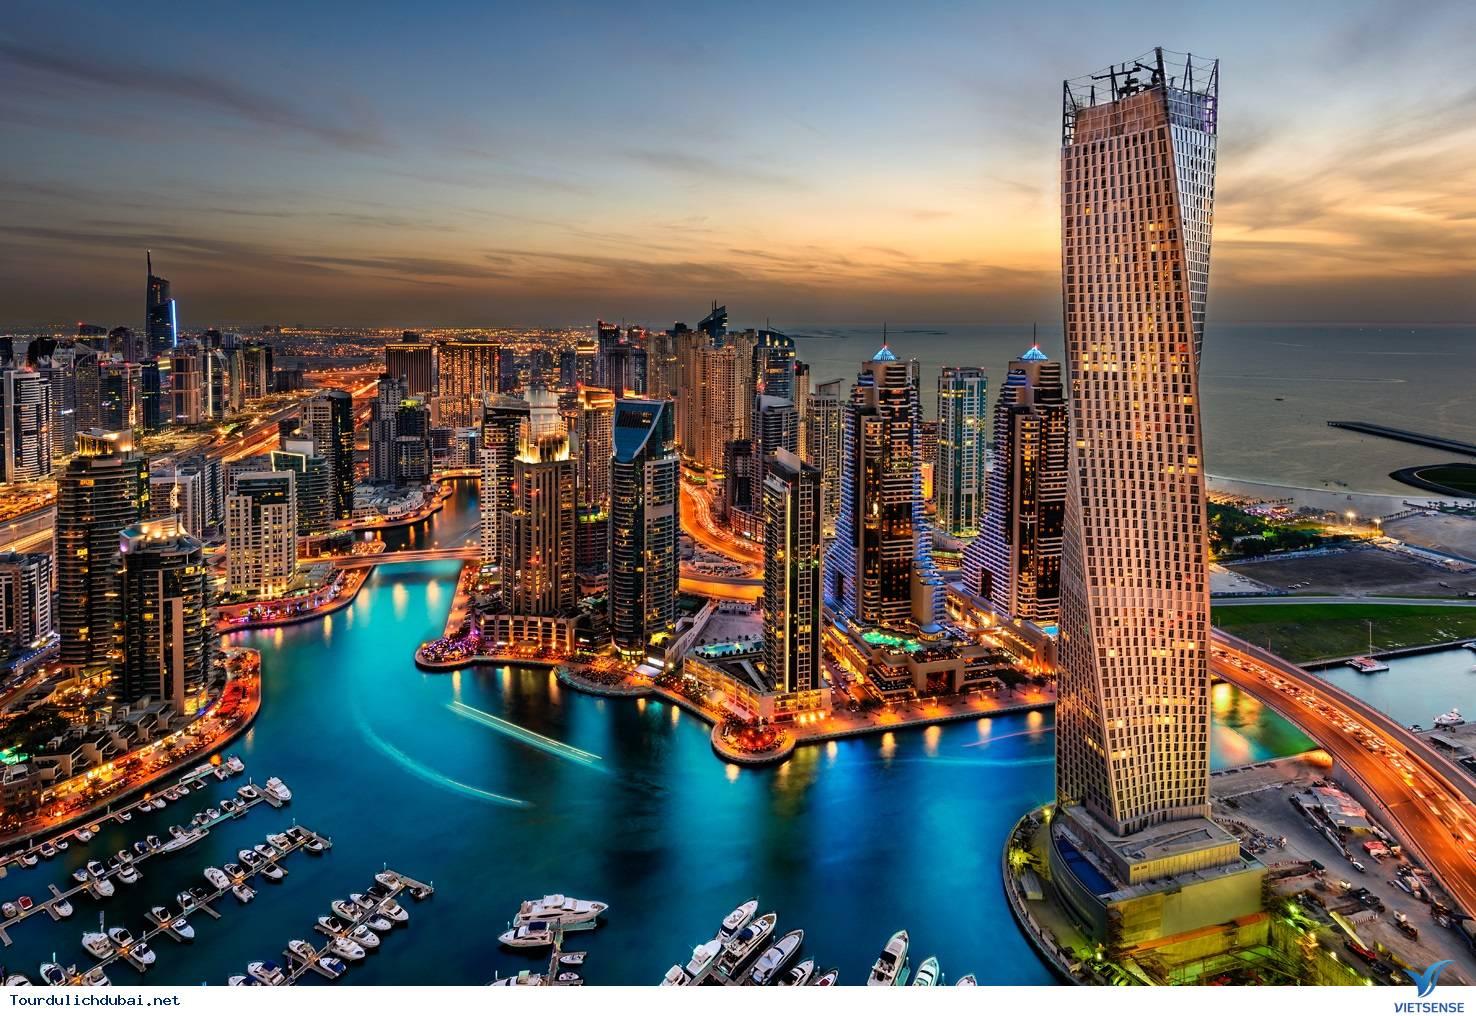 Visa du lịch Dubai và những giấy tờ quan trọng - Ảnh 1